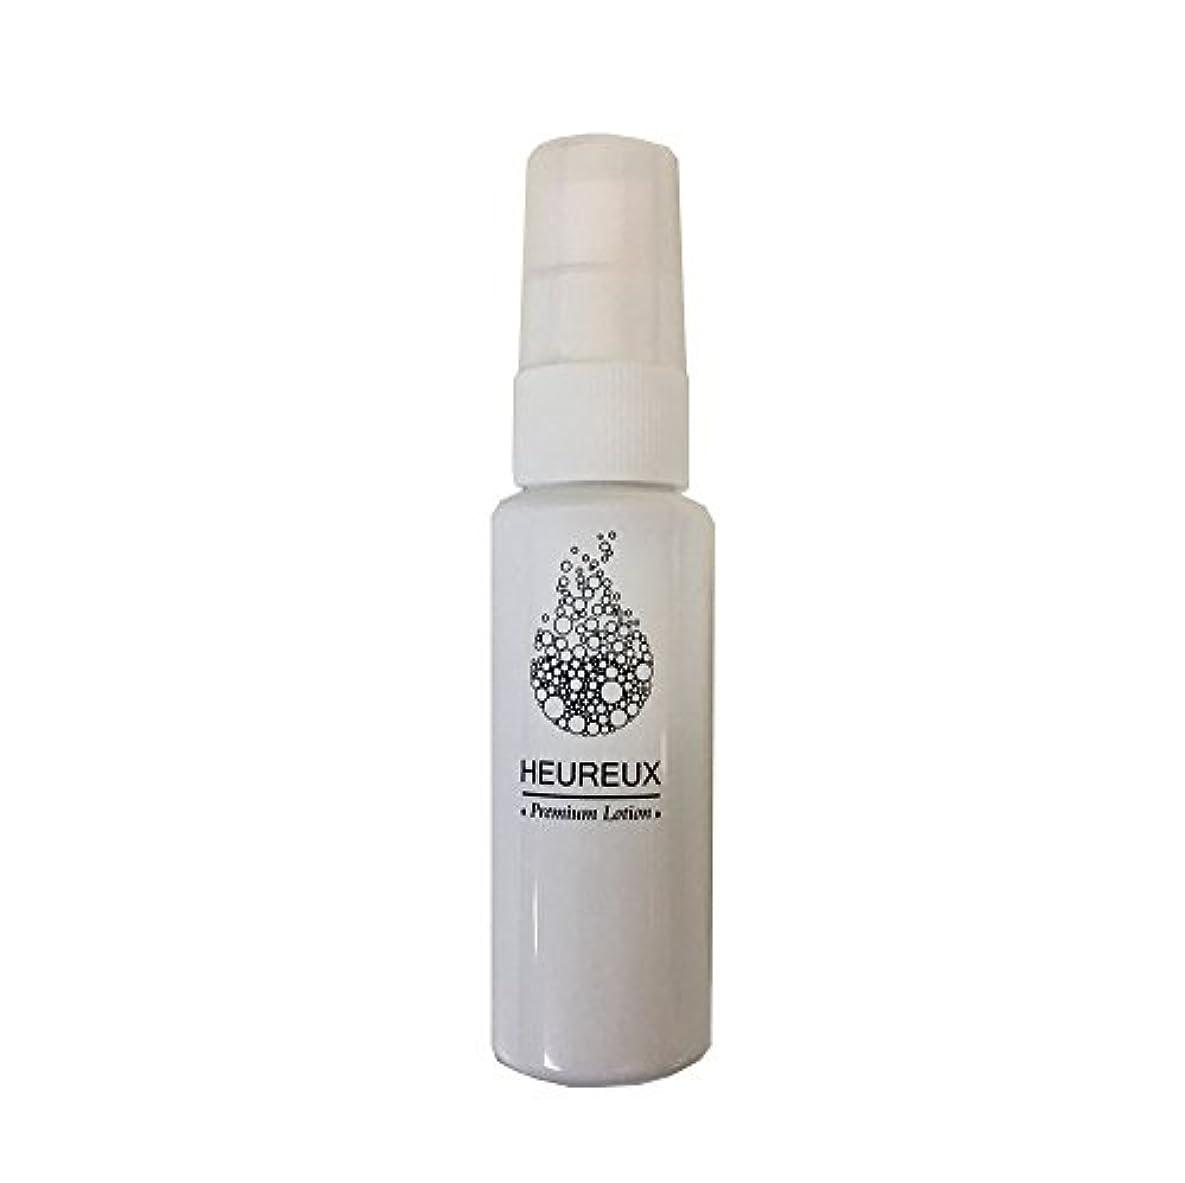 配管工破壊的インドHEUREUX|ワキガ&加齢臭の決定版-スプレータイプ 医薬部外品